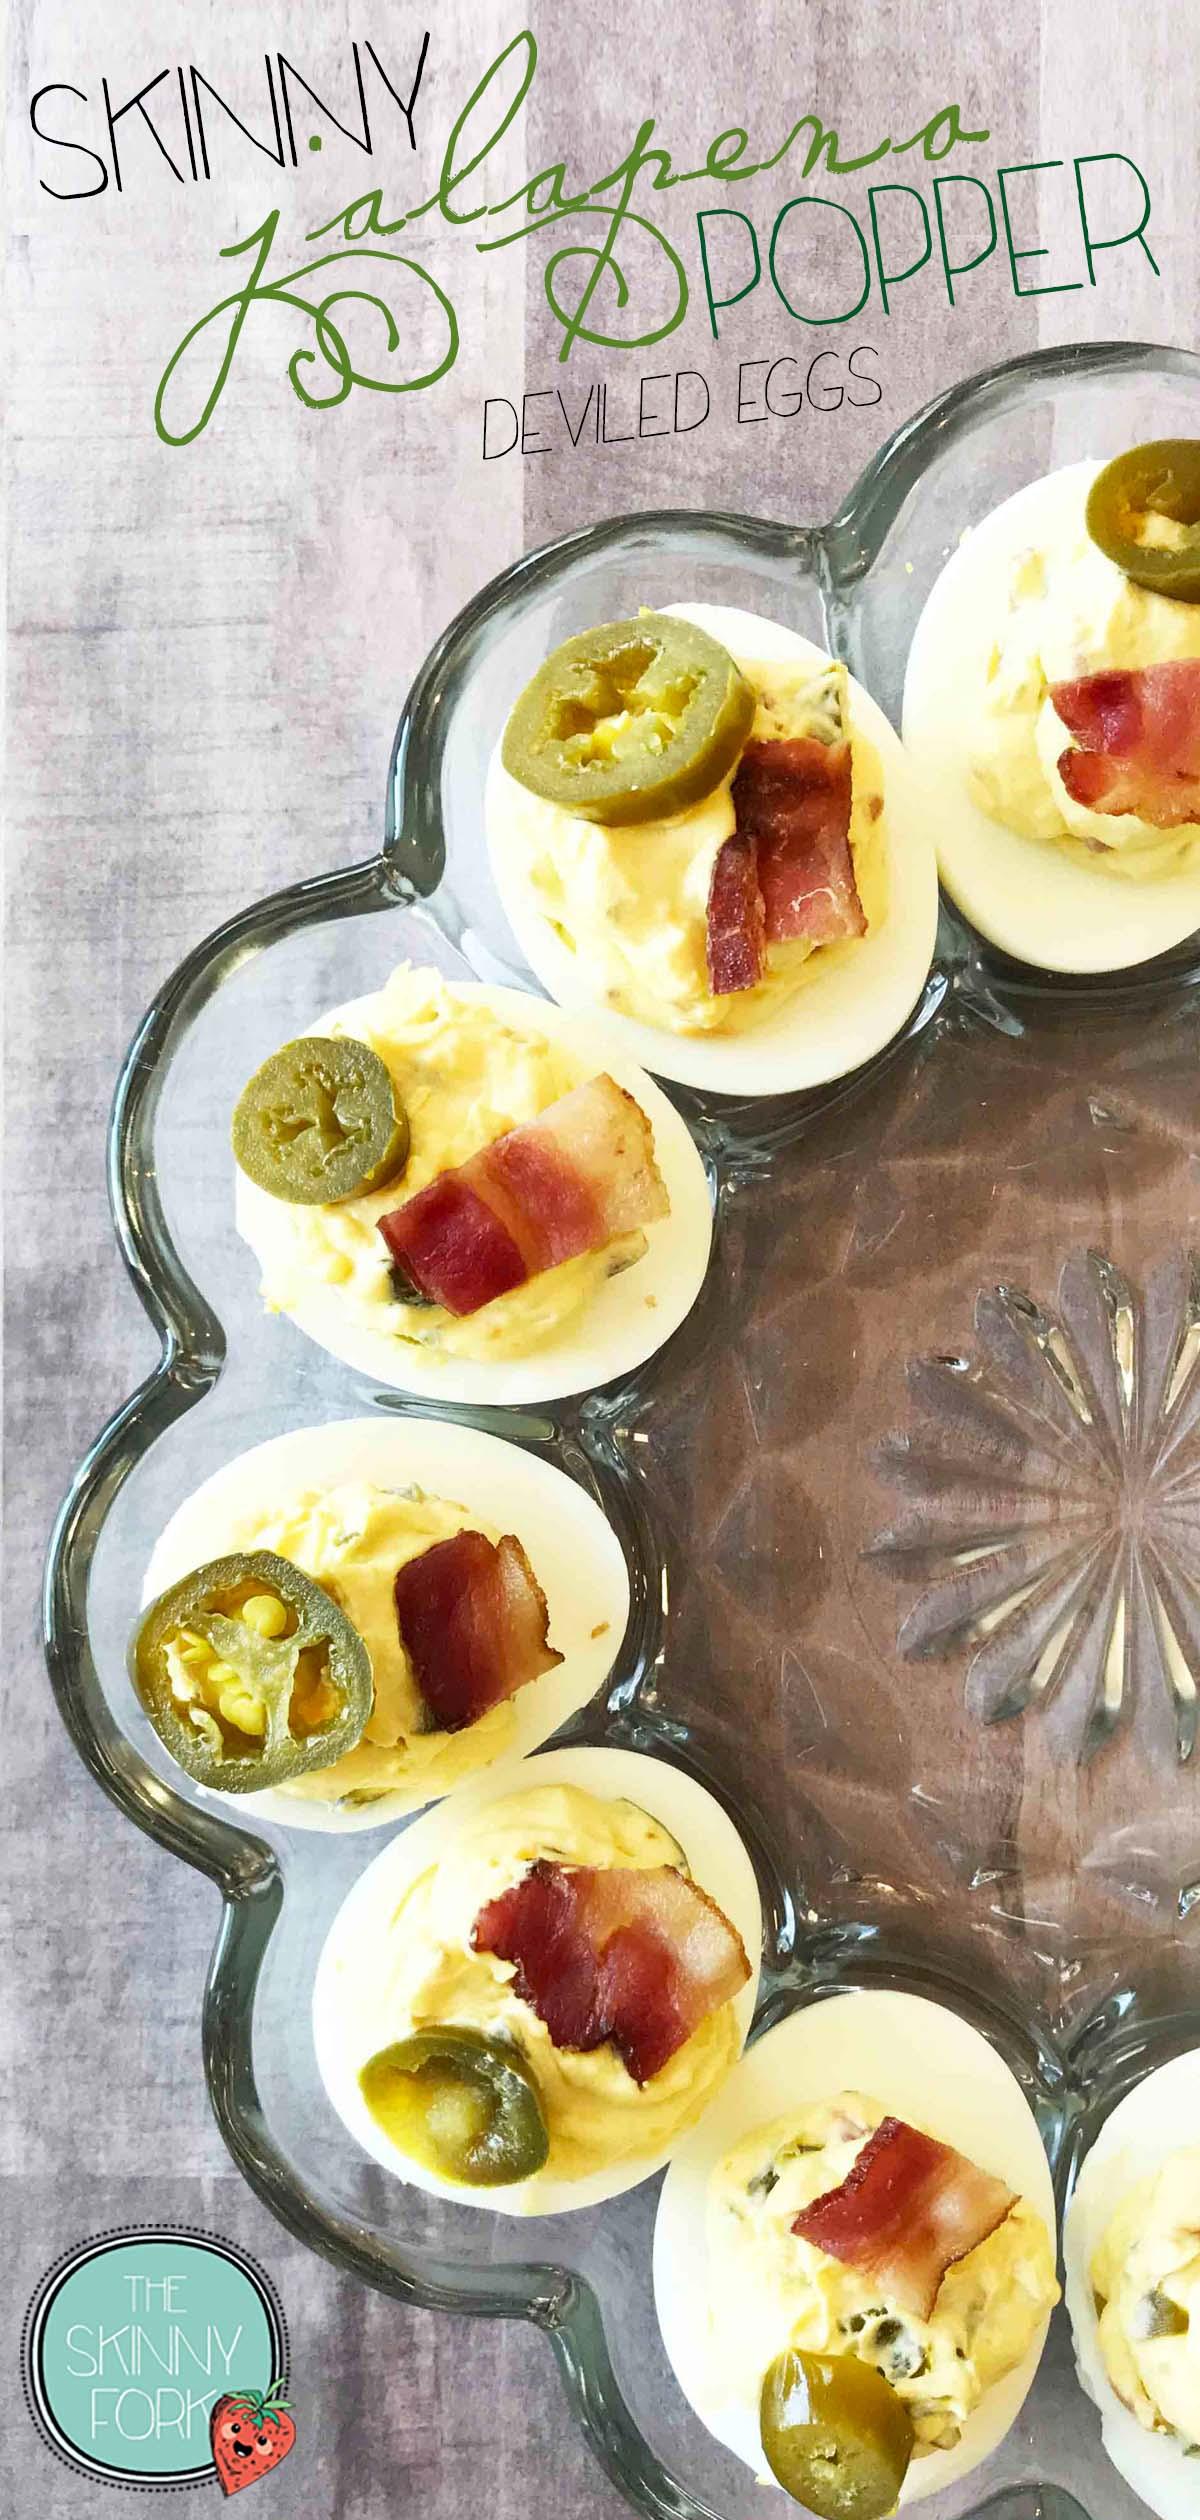 Skinny Jalapeño Popper Deviled Eggs